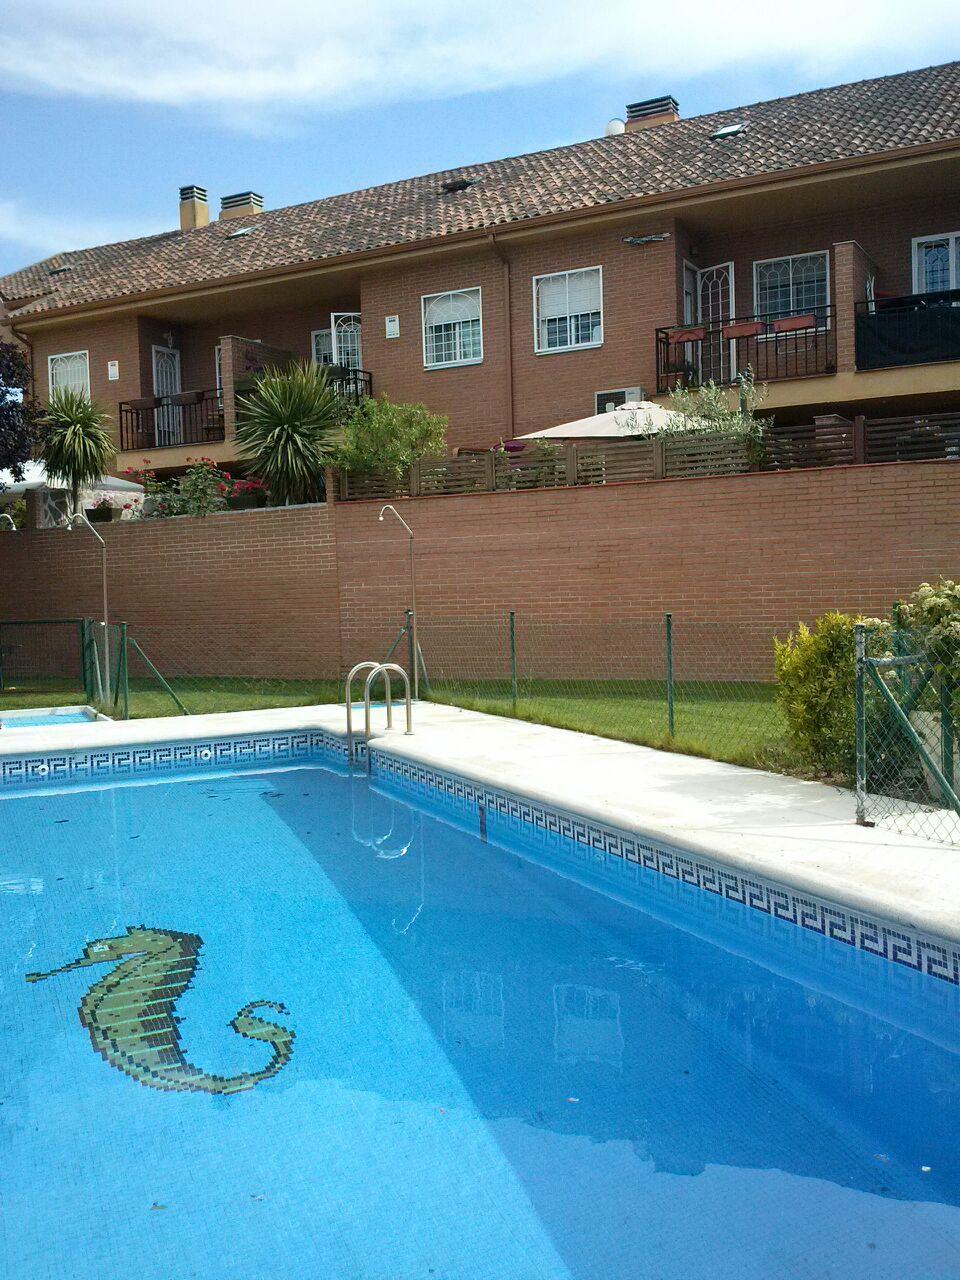 Vista superior de una piscinas de una urbanización de vecinos